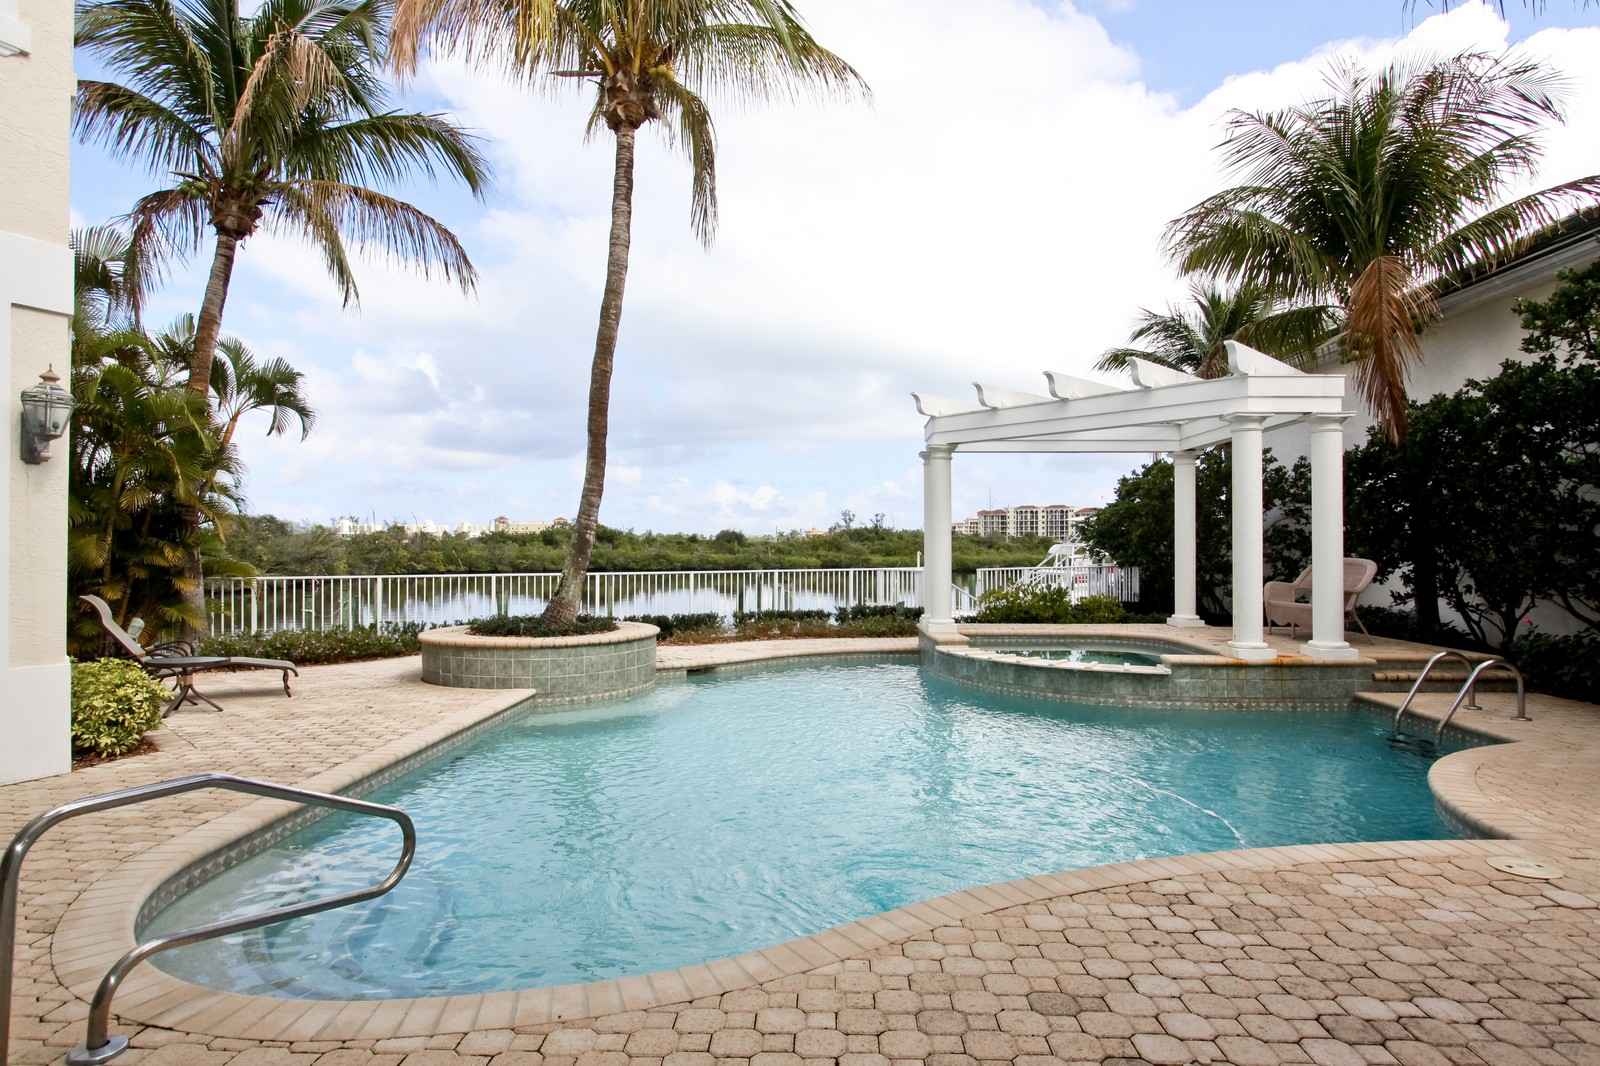 Real Estate Photography - 3527 Jonathans Harbour Dr, Jupiter, FL, 33477 - Pool